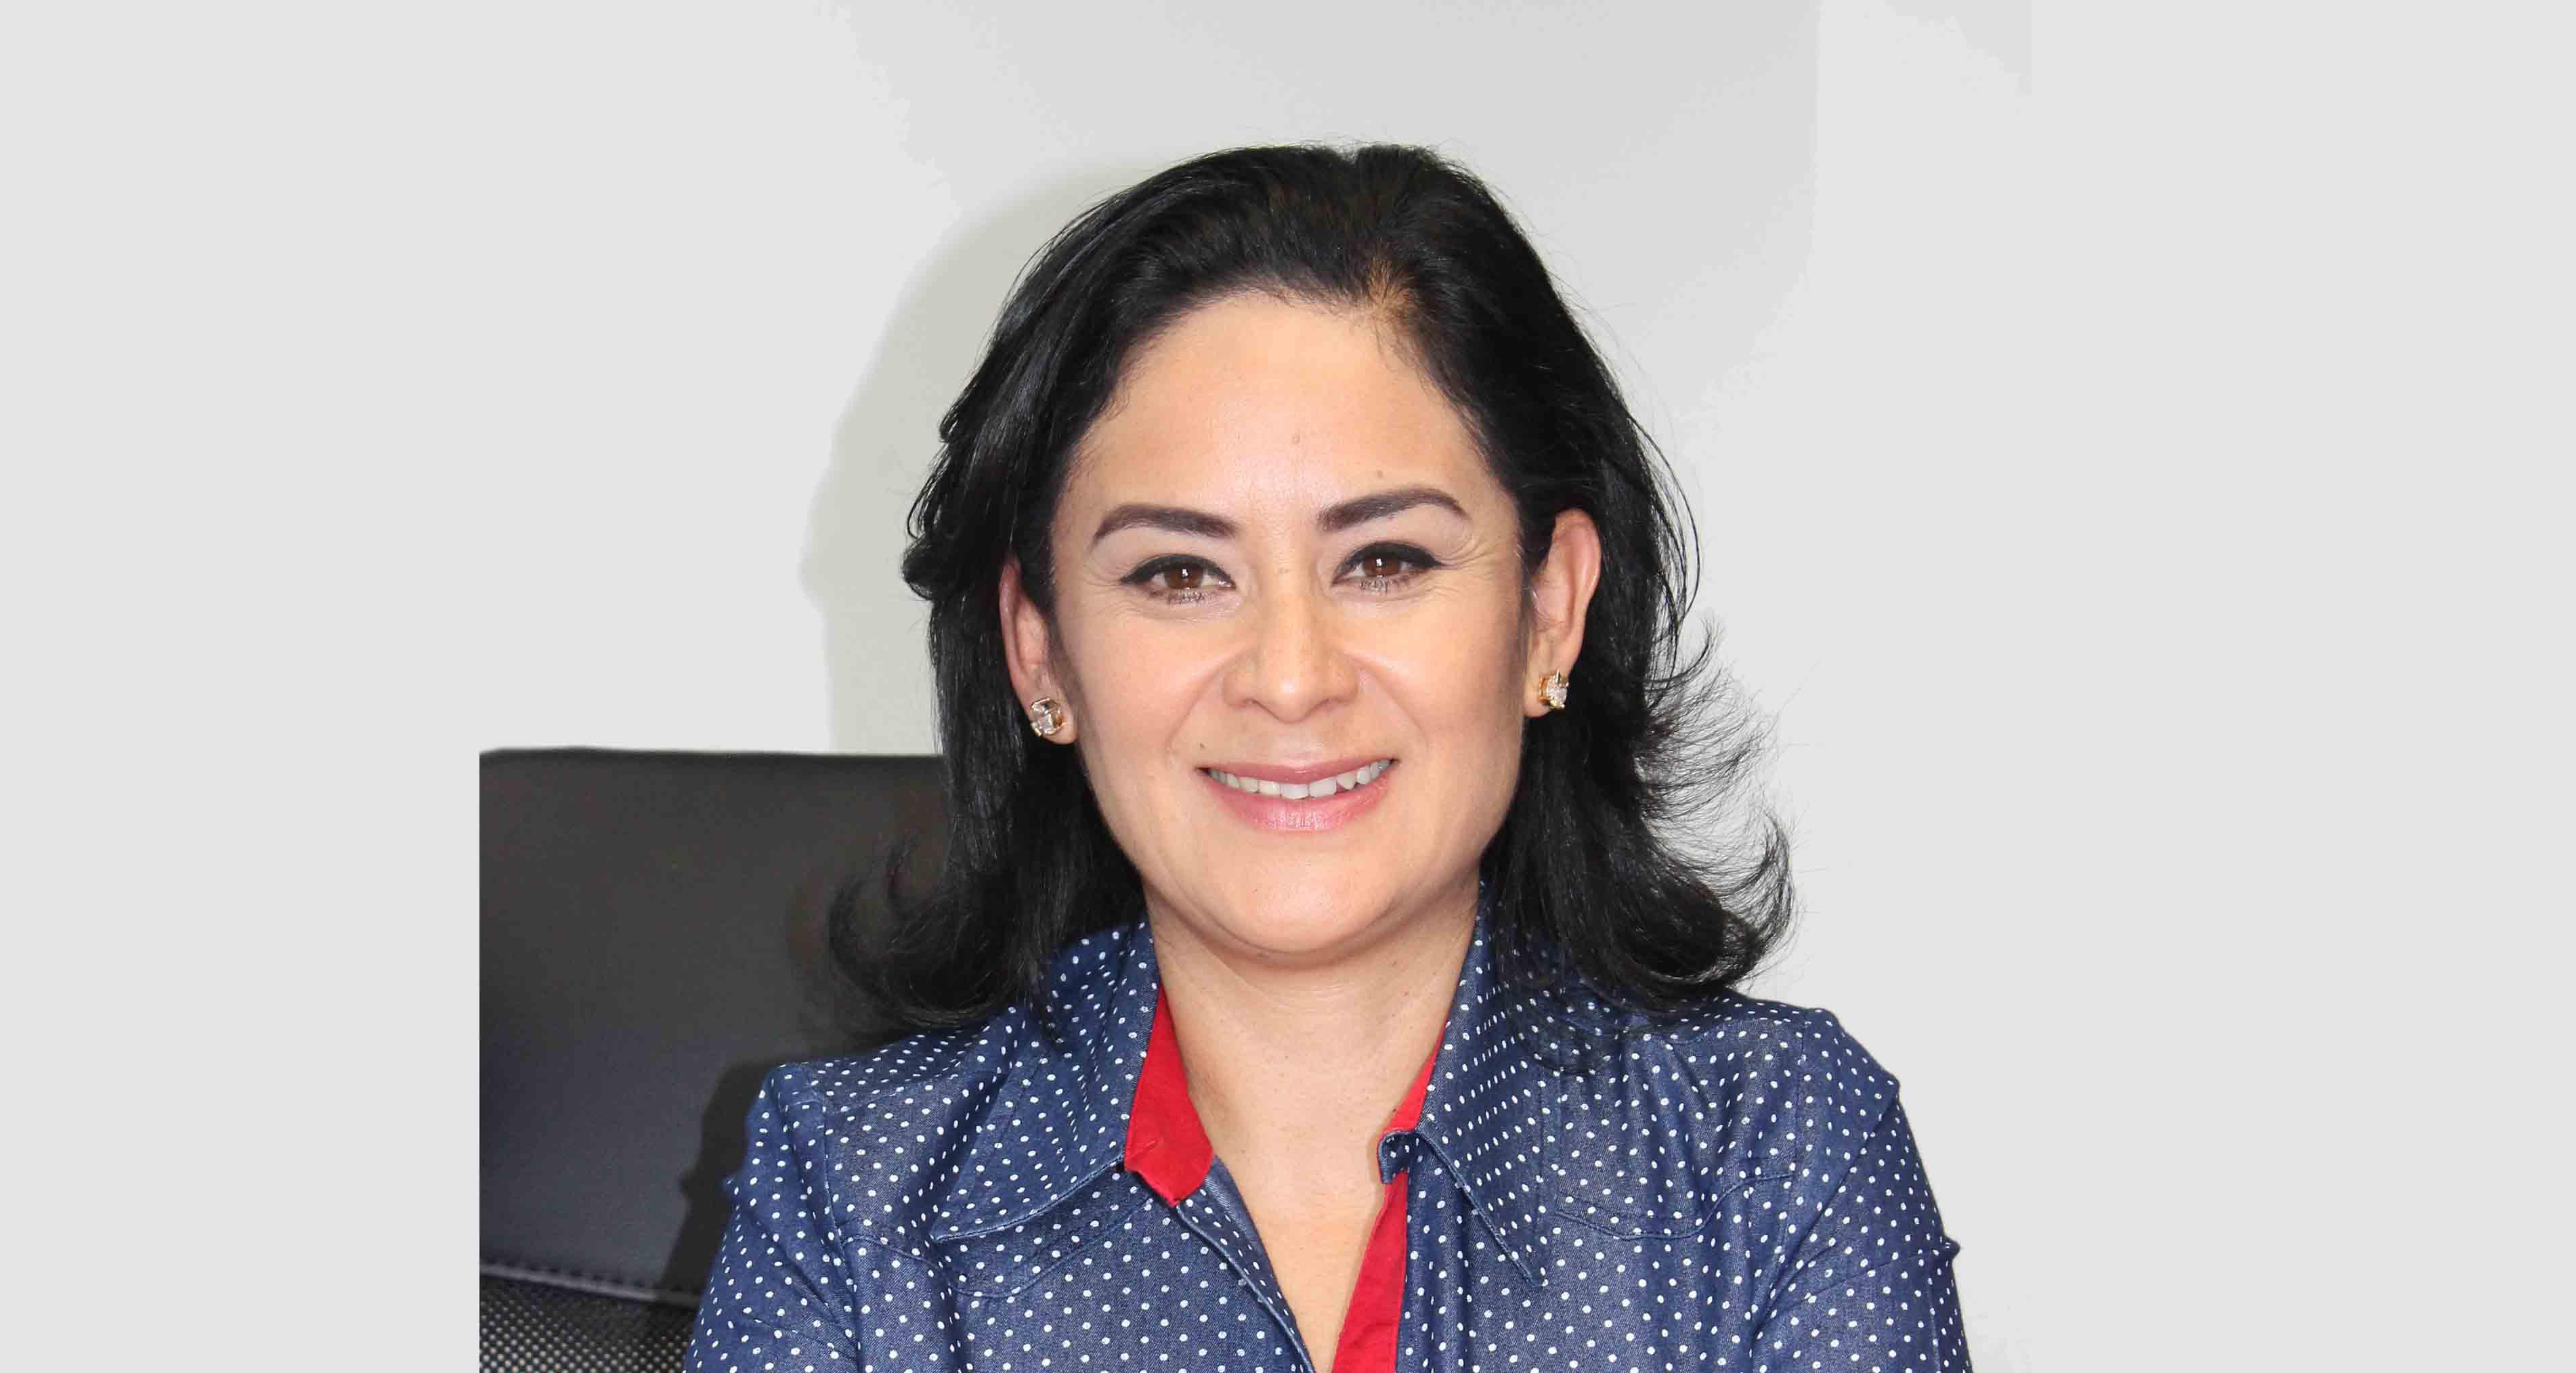 En el PS no aceptan a la muchacha de Rosalía Peredo